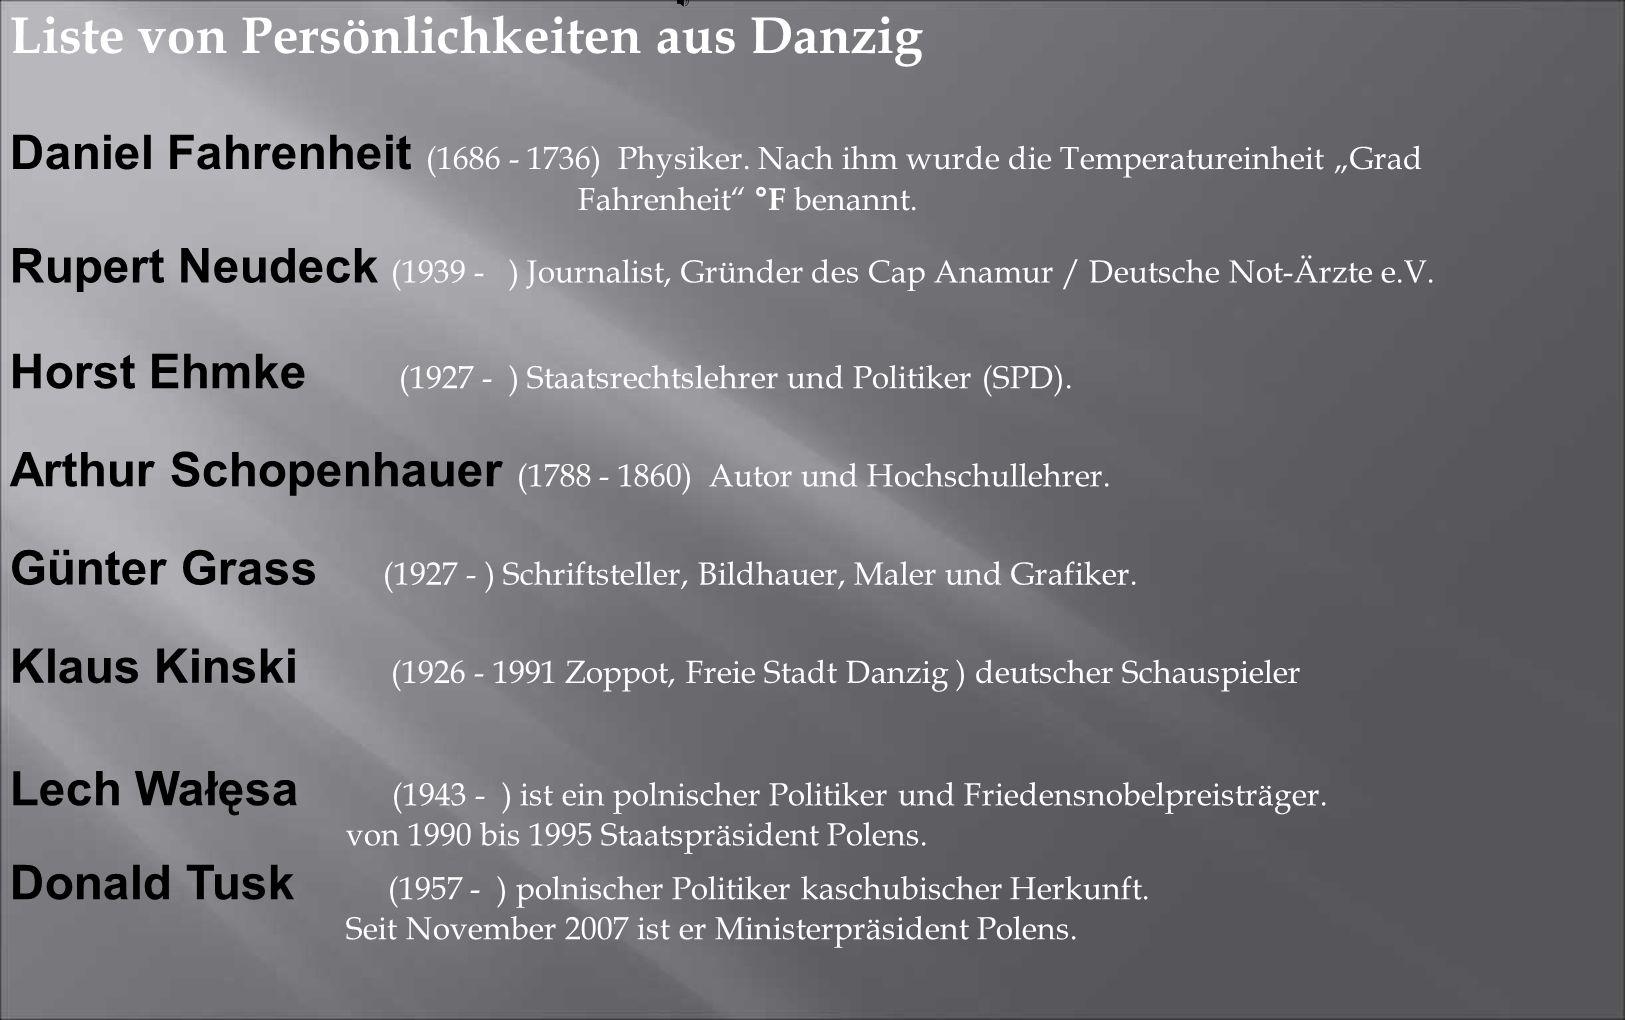 """Daniel Fahrenheit (1686 - 1736) Physiker. Nach ihm wurde die Temperatureinheit """"Grad Fahrenheit"""" °F benannt. Arthur Schopenhauer (1788 - 1860) Autor u"""